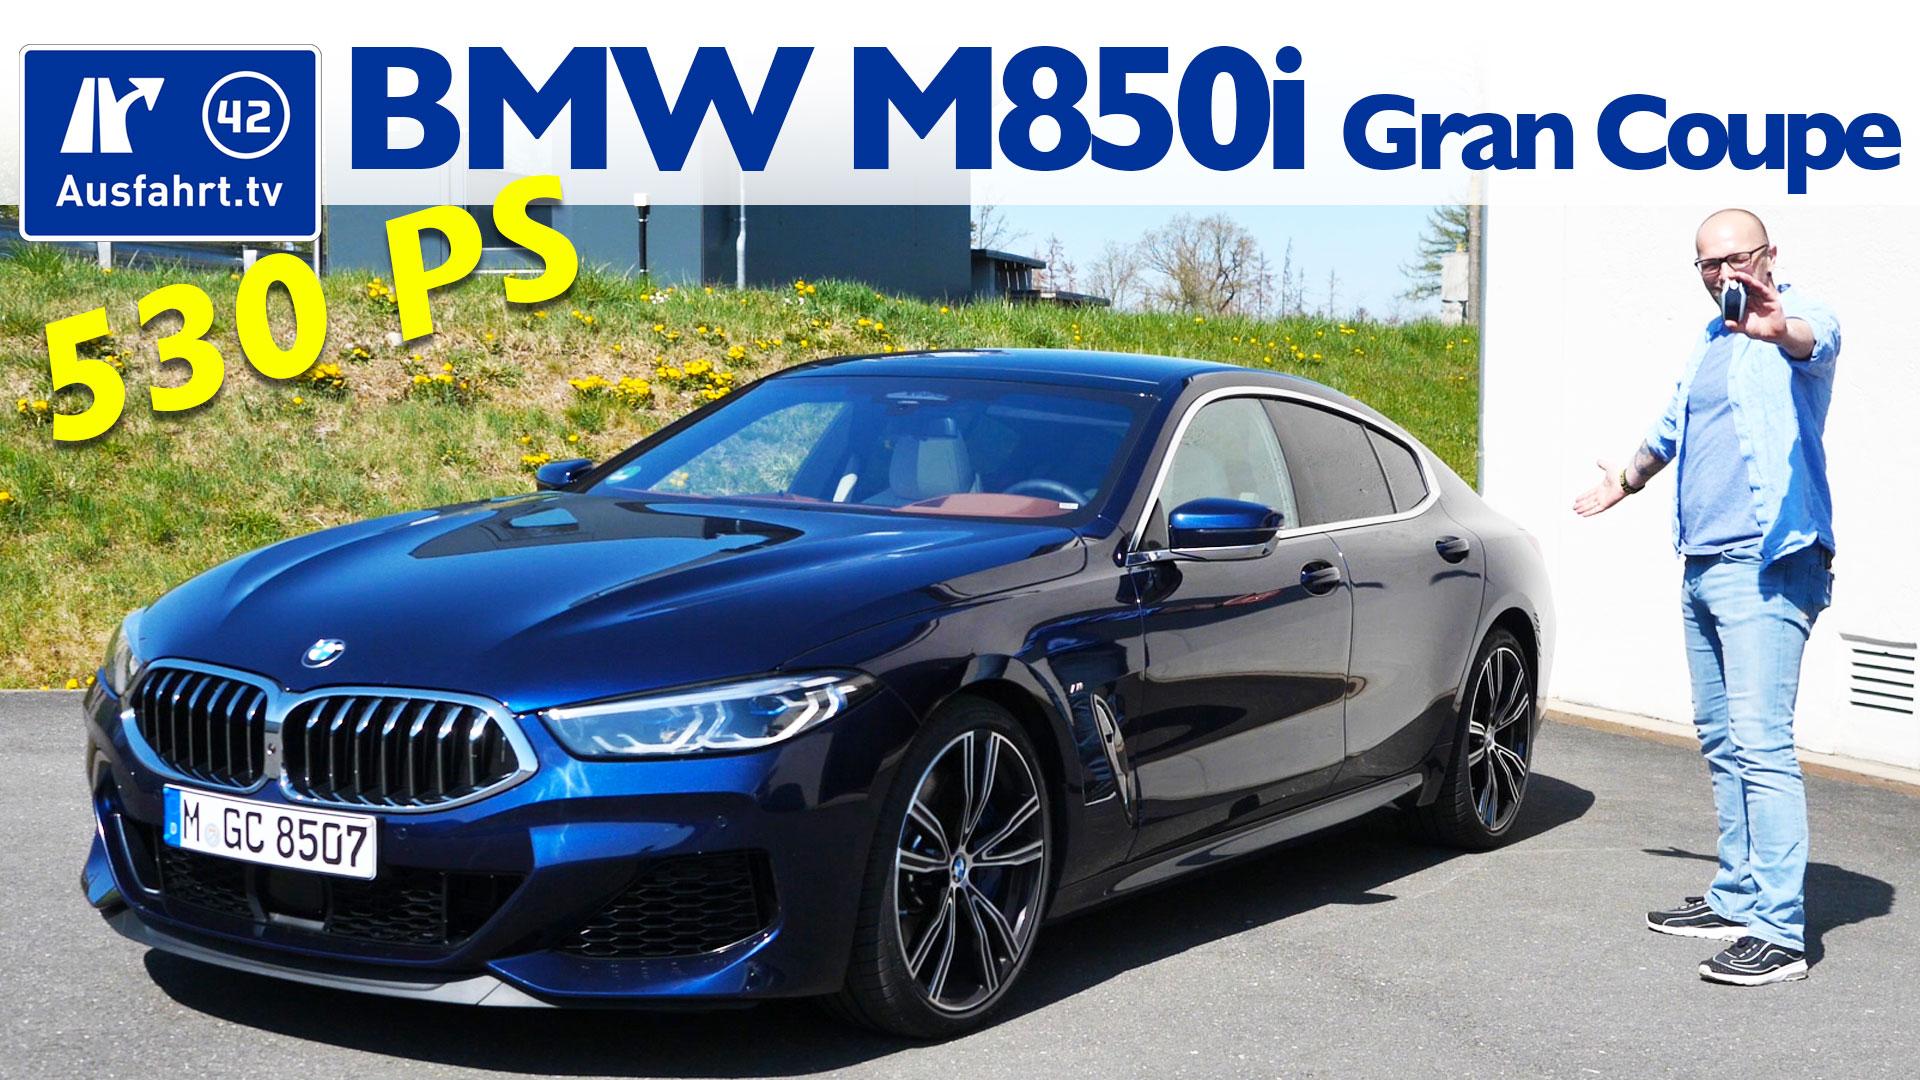 2020 Bmw M850i Xdrive Gran Coupe G16 Ausfahrt Tv